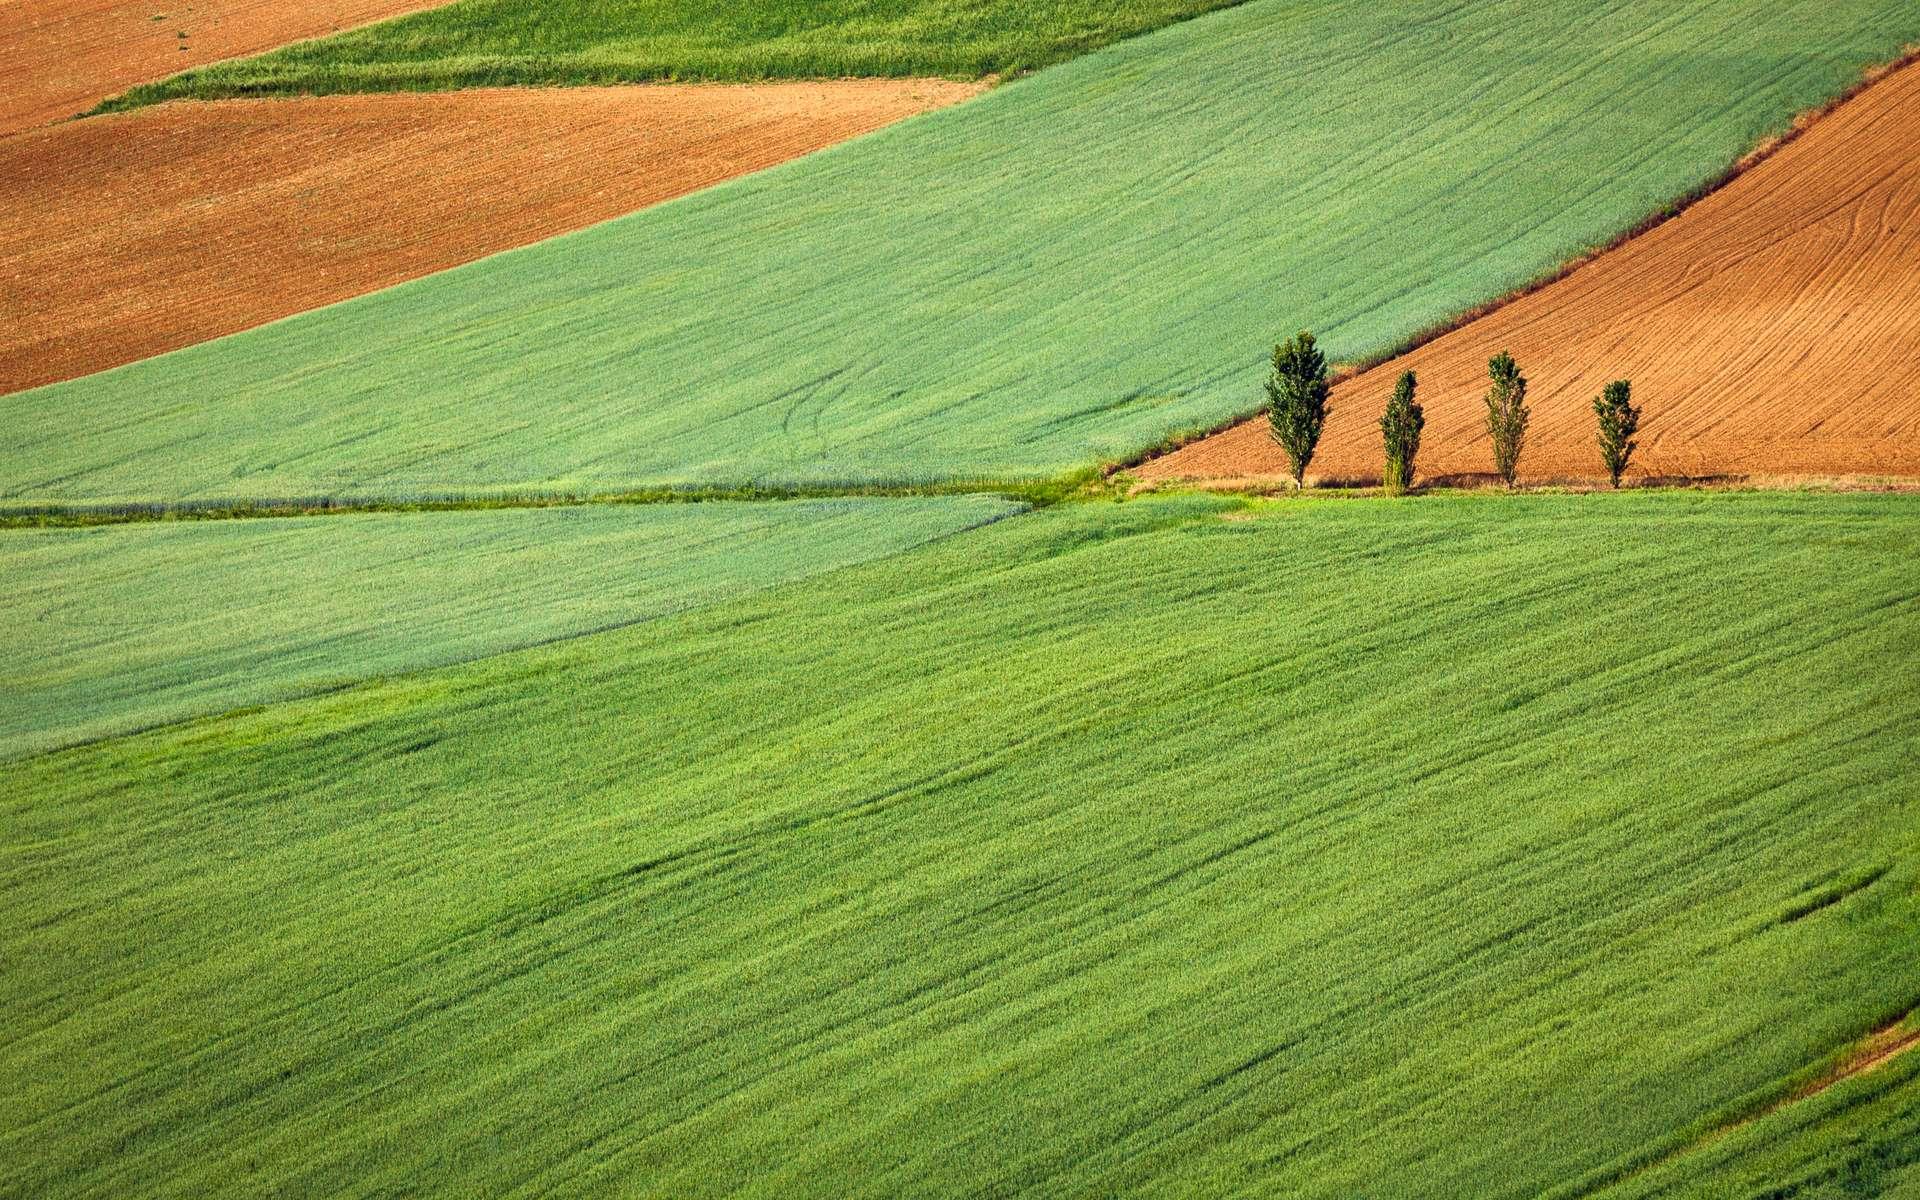 La Terre verdit grâce à la Chine et l'Inde. © Gaetano Cessati, Unsplash